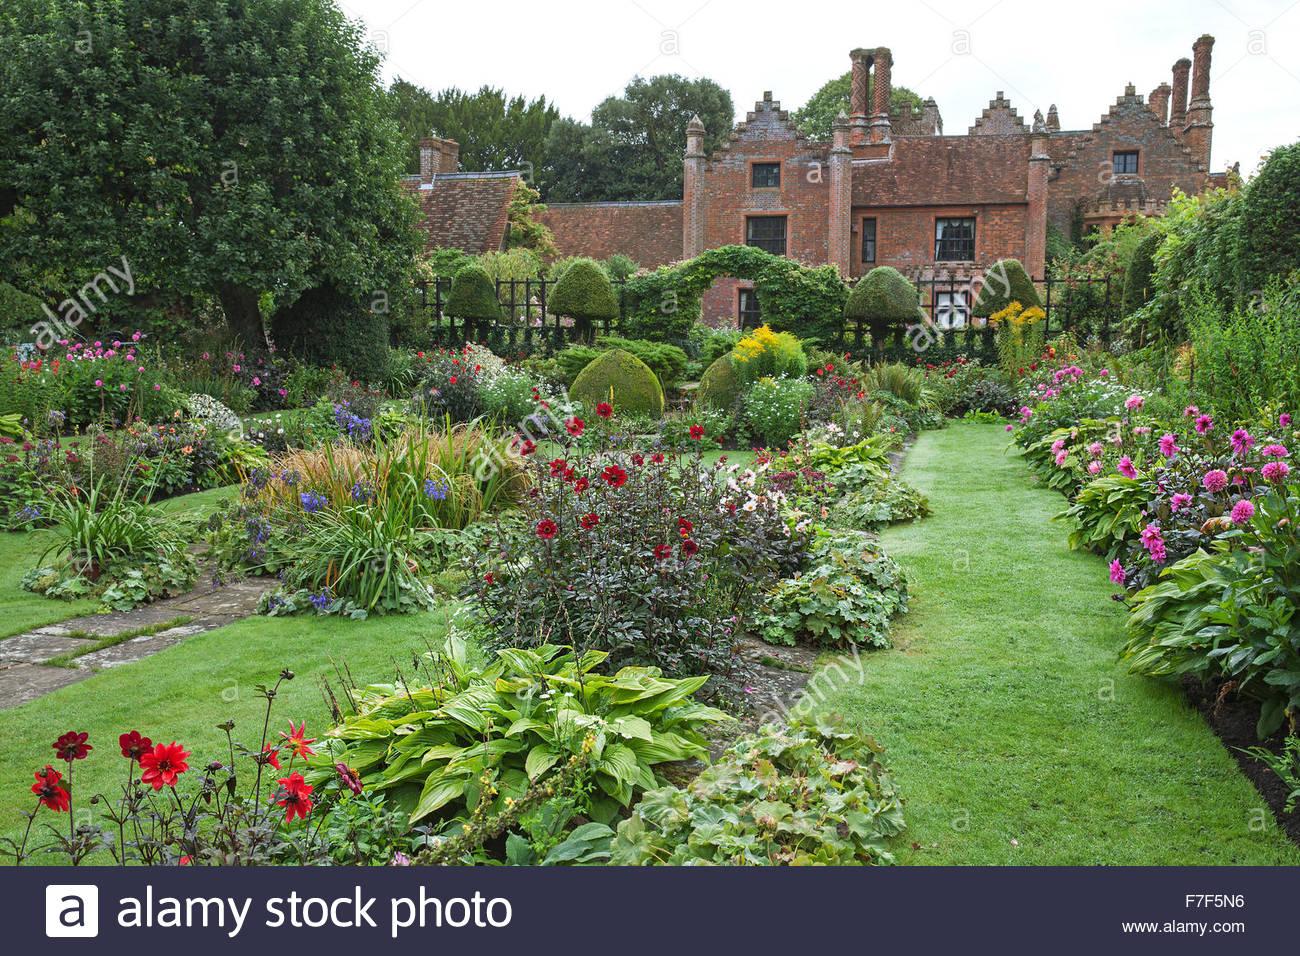 Chenies Manor House Und Gärten Englischen Garten Zeigt Die